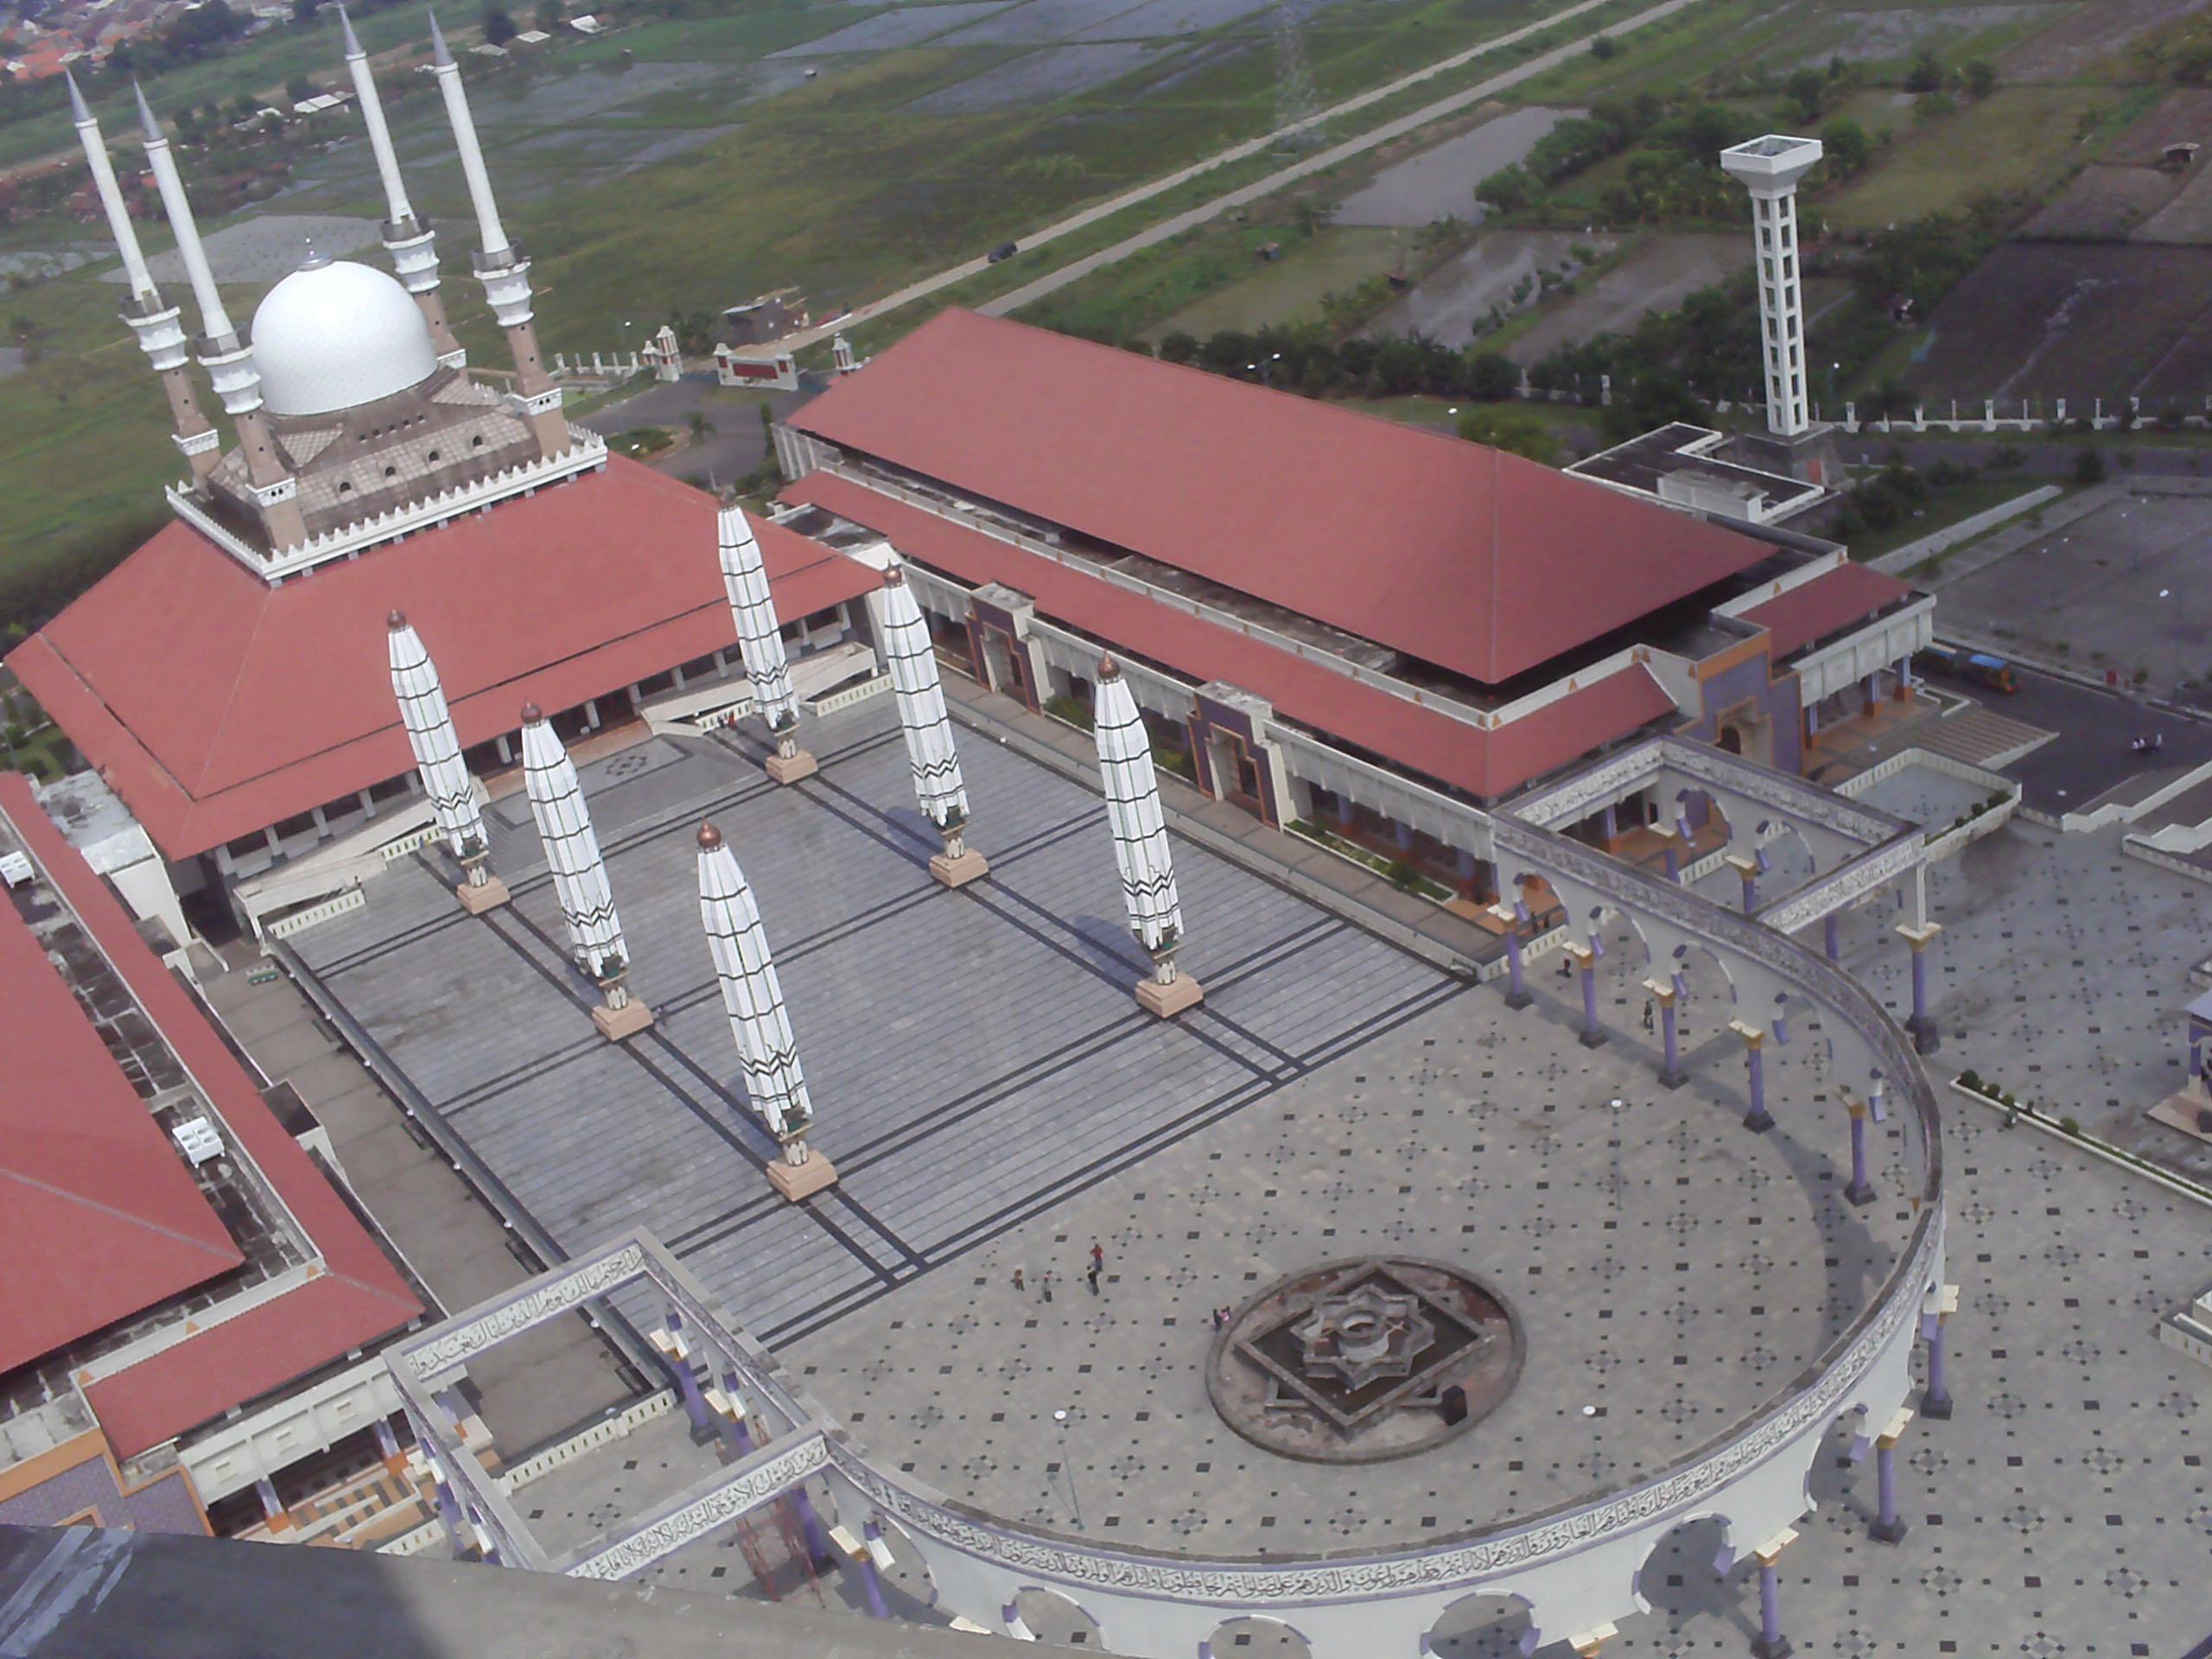 Semarang Picture Jalan Simpang Lima Masjid Agung Jawa Tengah Kab